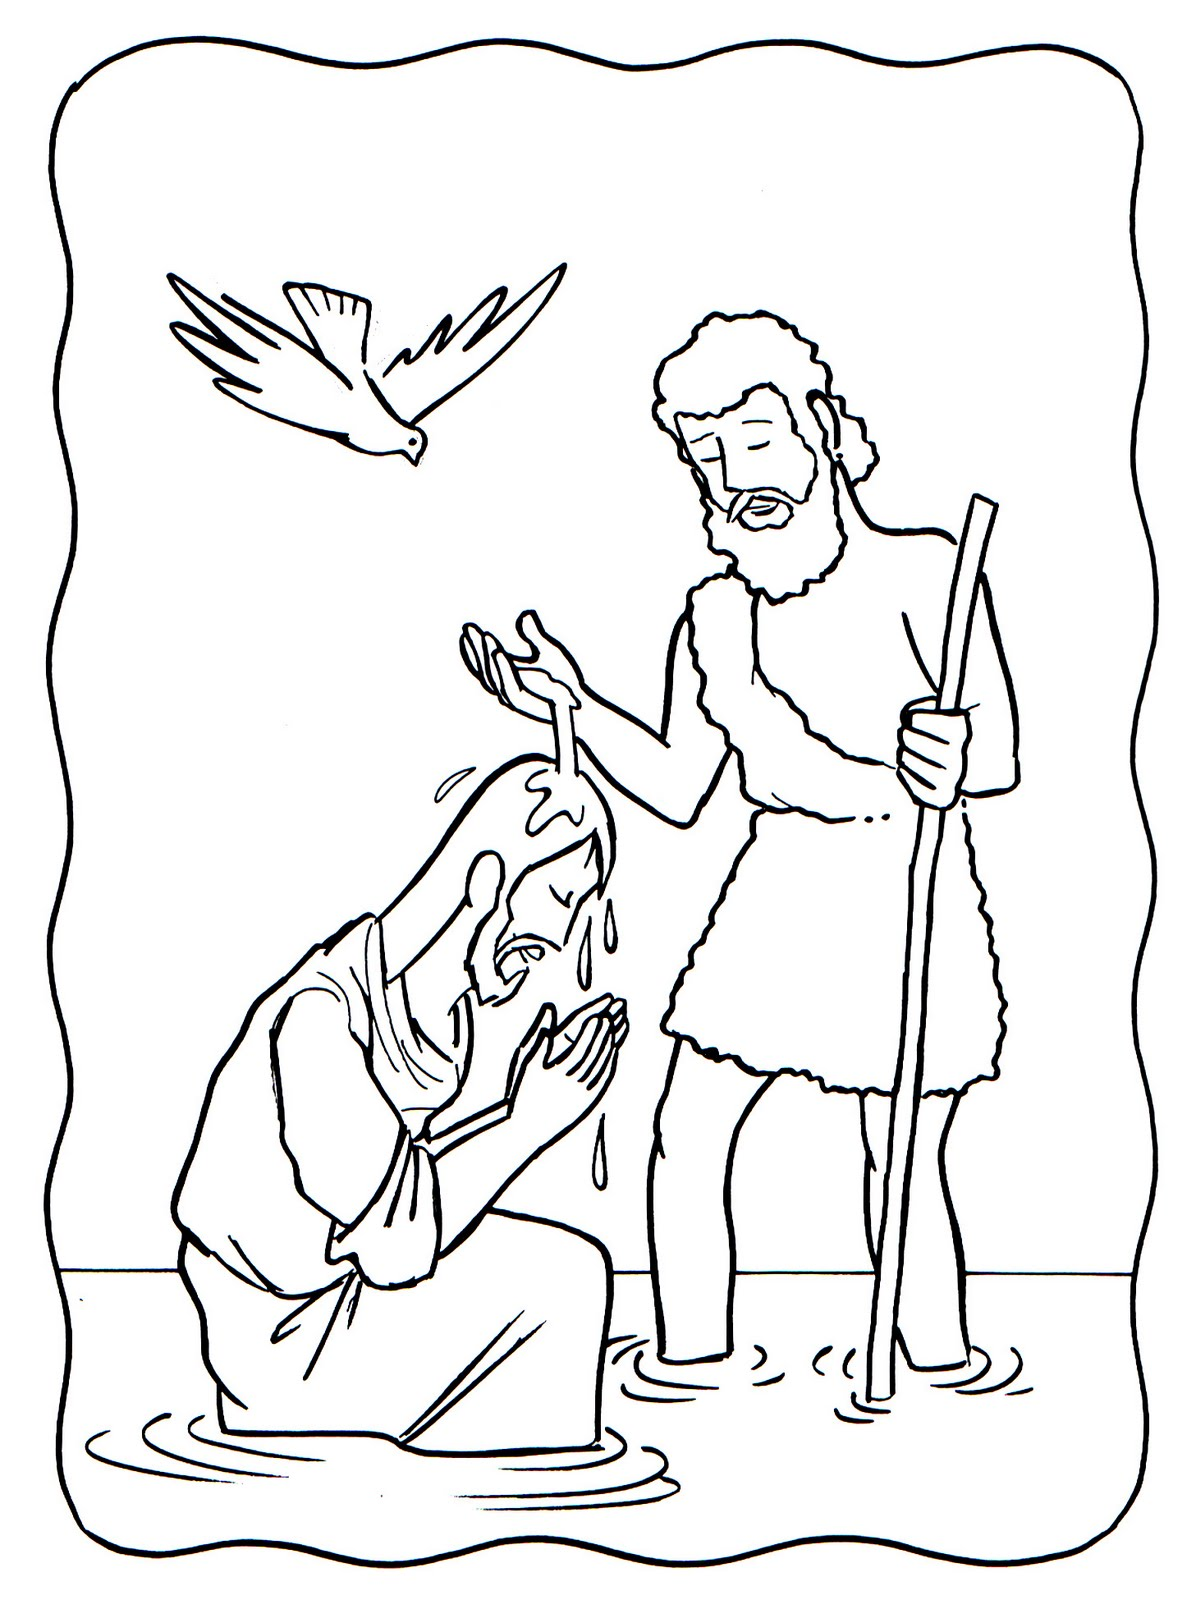 Gifs Y Fondos Paz Enla Tormenta Imágenes De Jesús Para Colorear